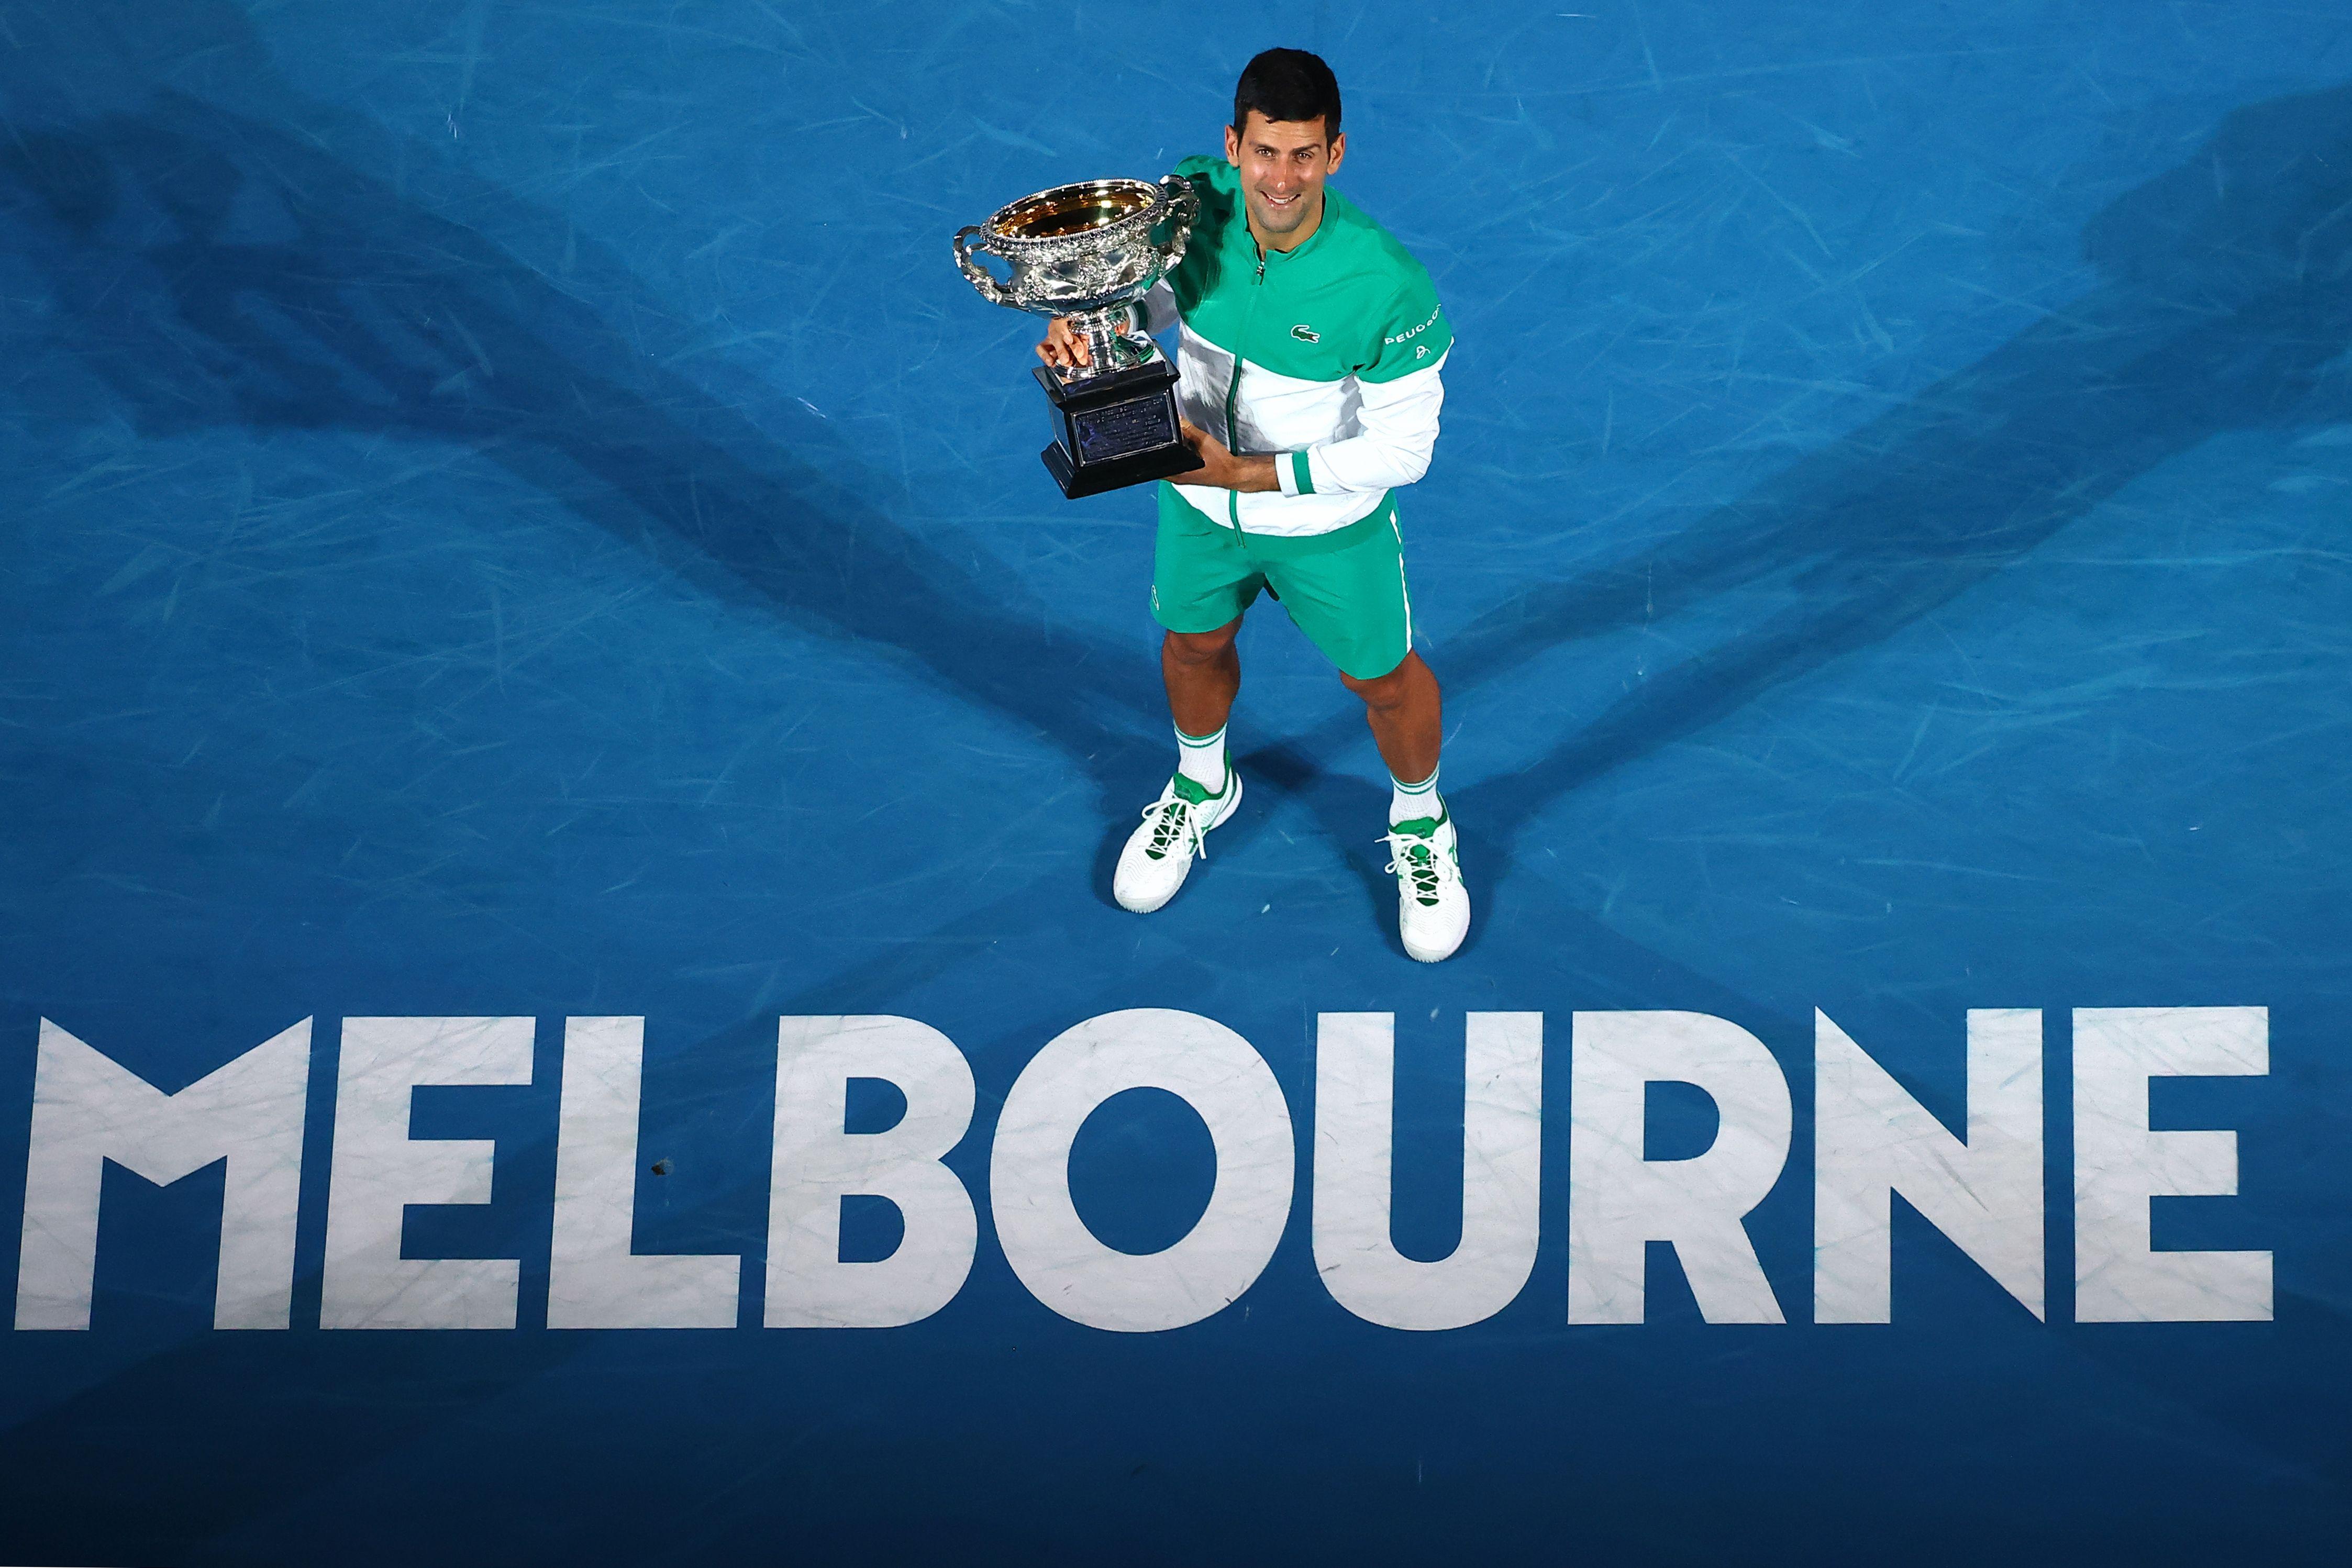 德約科維奇(Novak Djokovic)